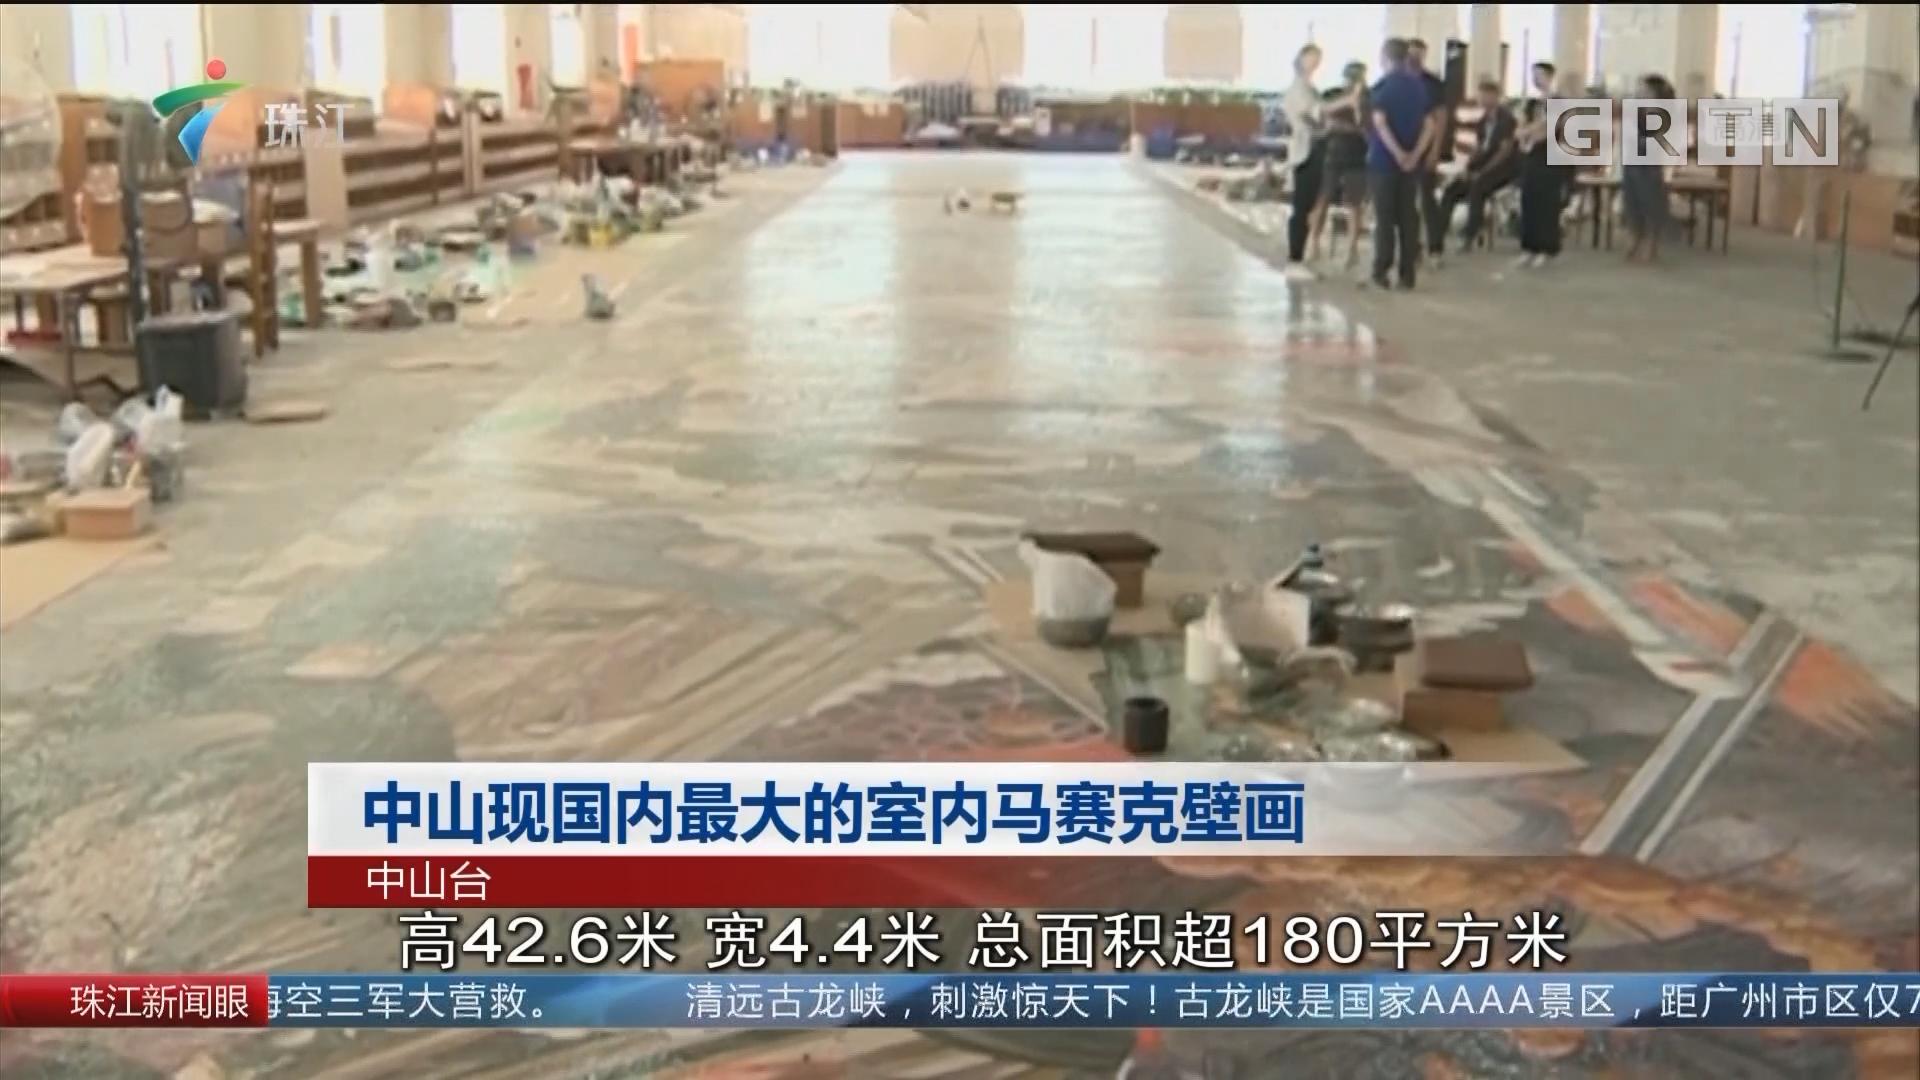 中山现国内最大的室内马赛克壁画